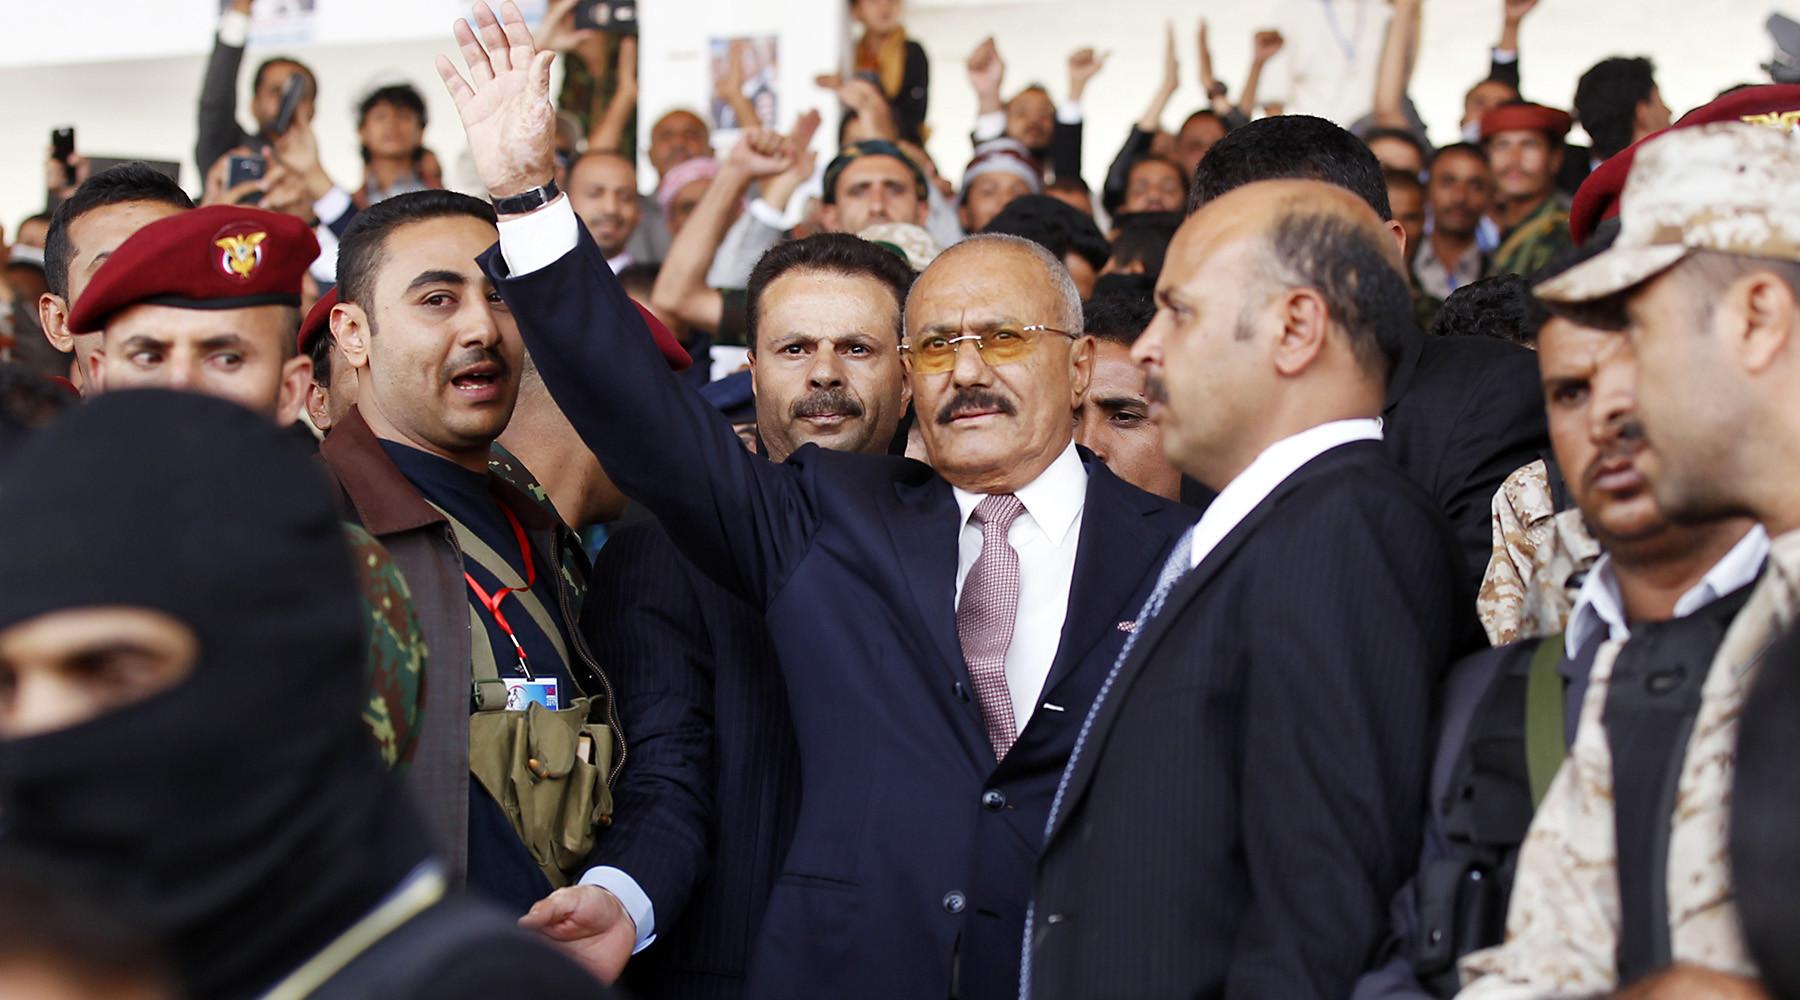 Закончится  ли конфликт в Йемене с гибелью экс-президента